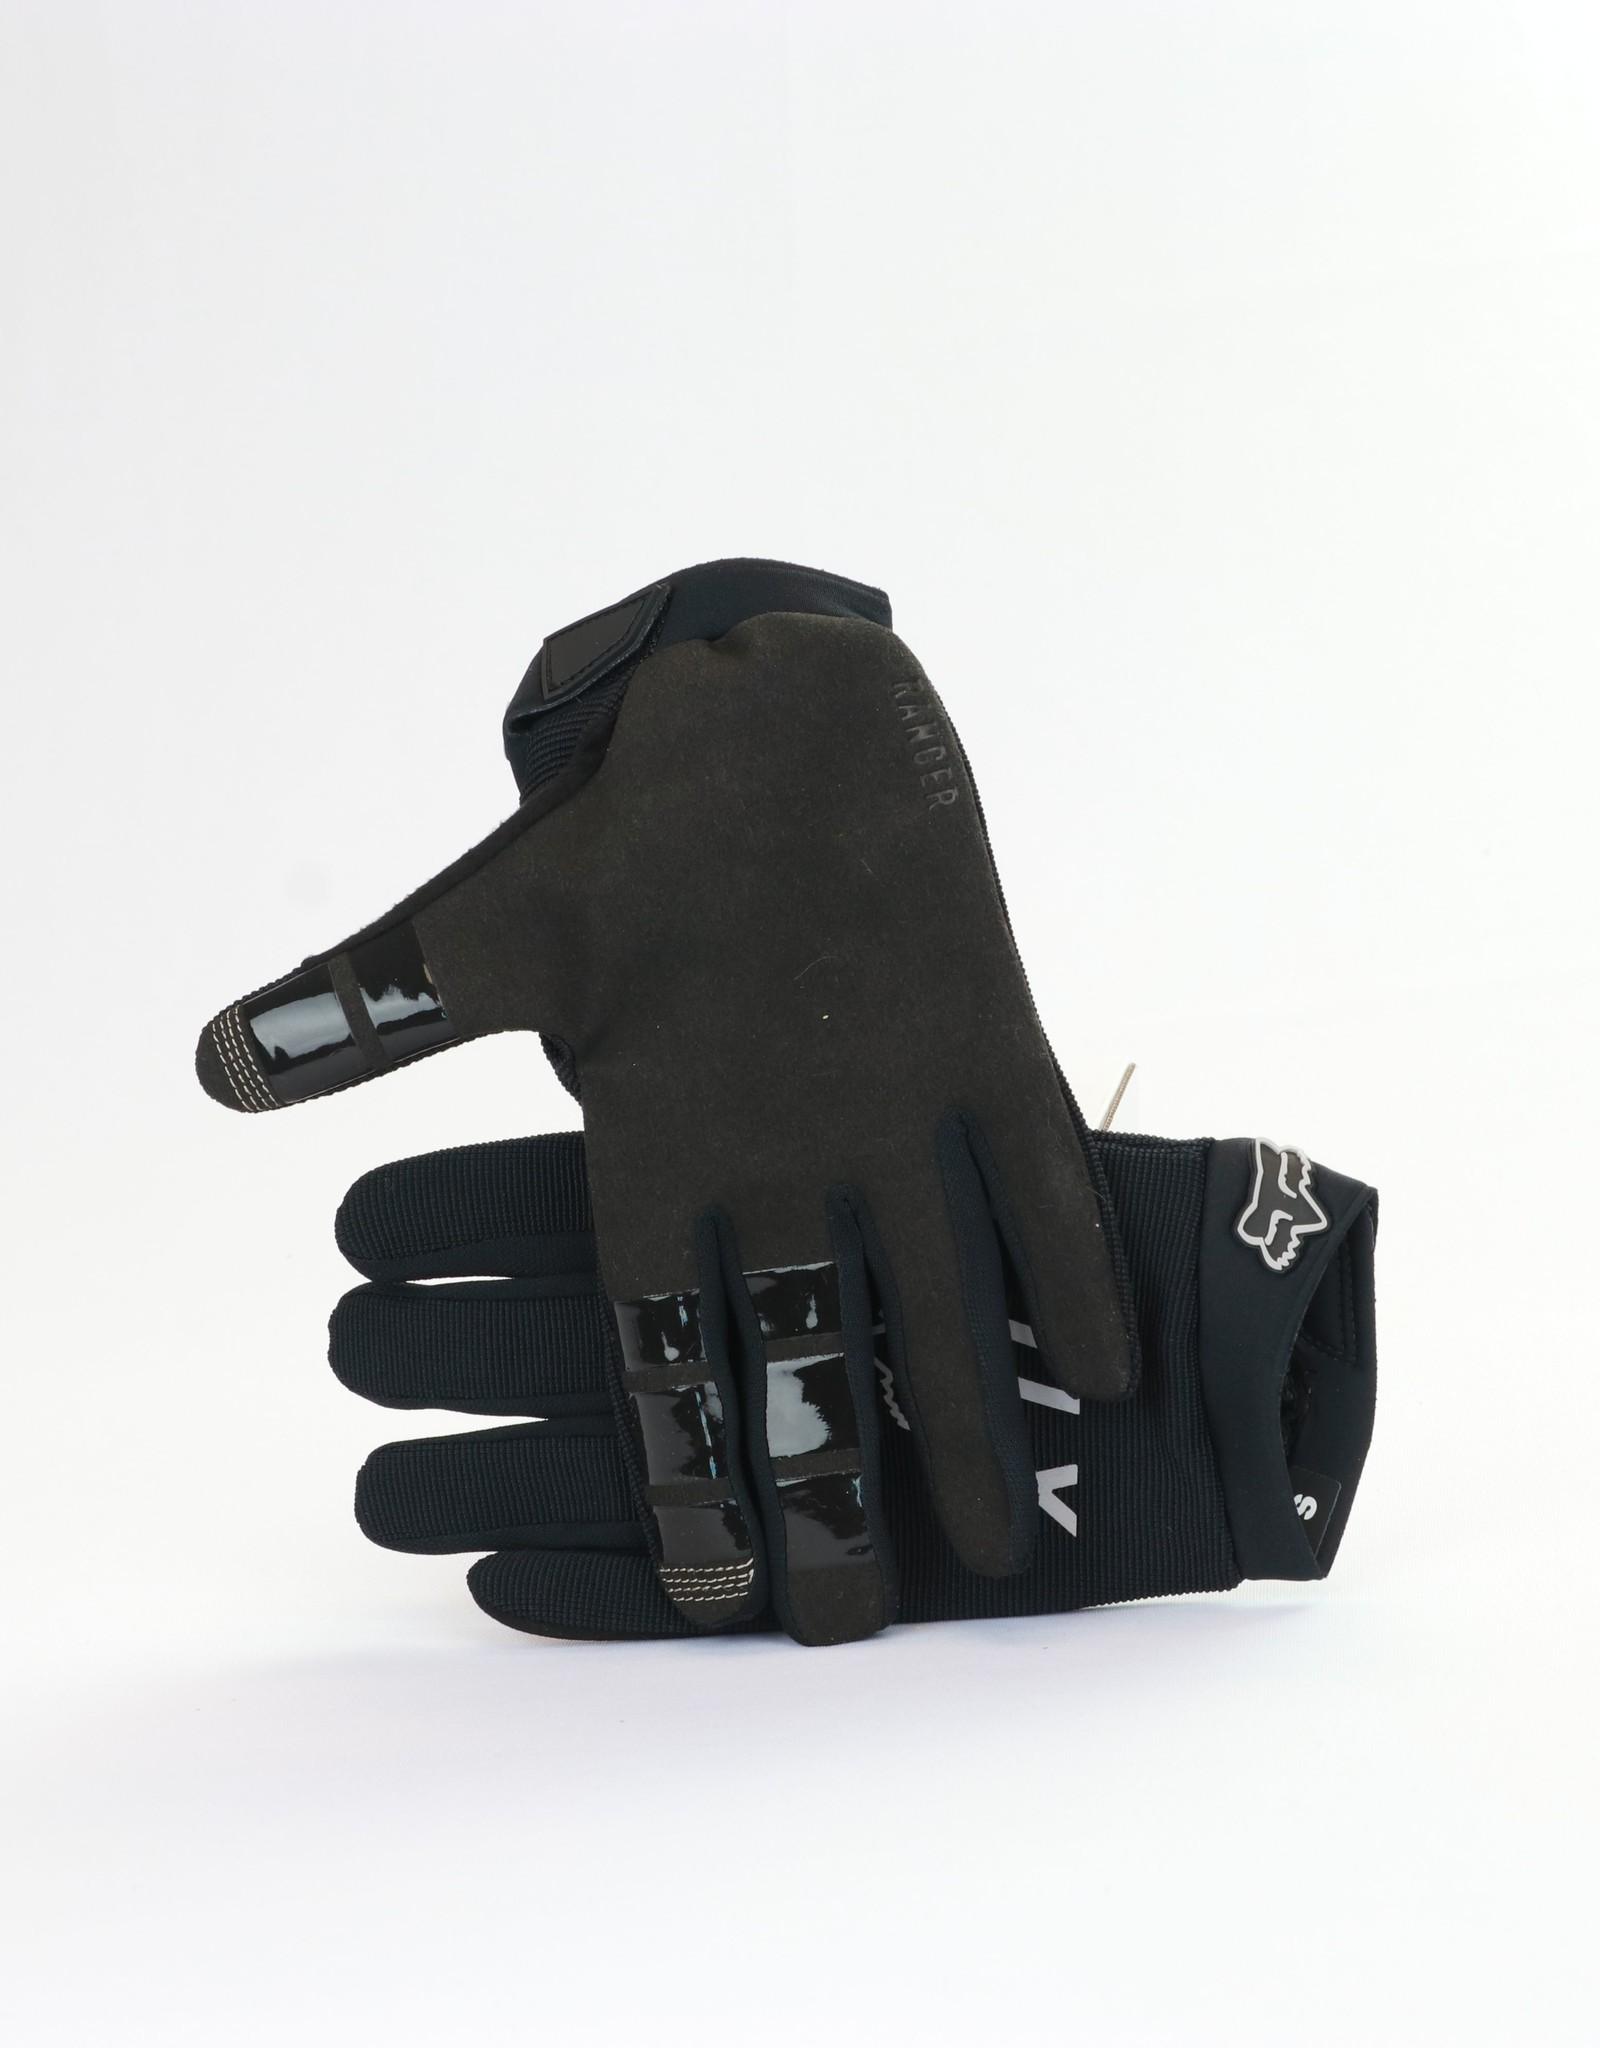 Fox Racing Women's Ranger Glove